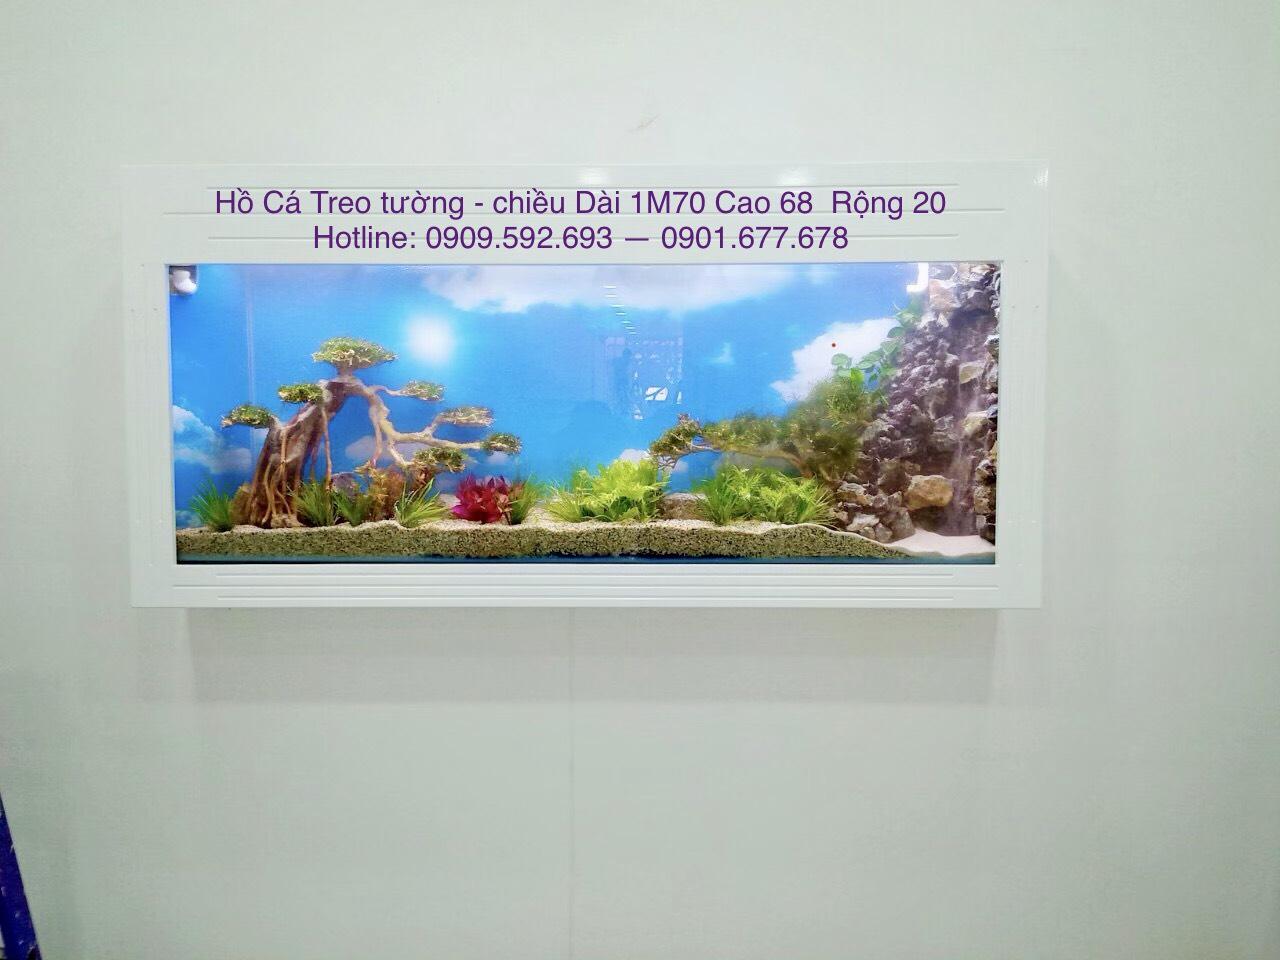 ho-ca-treo-tuong21